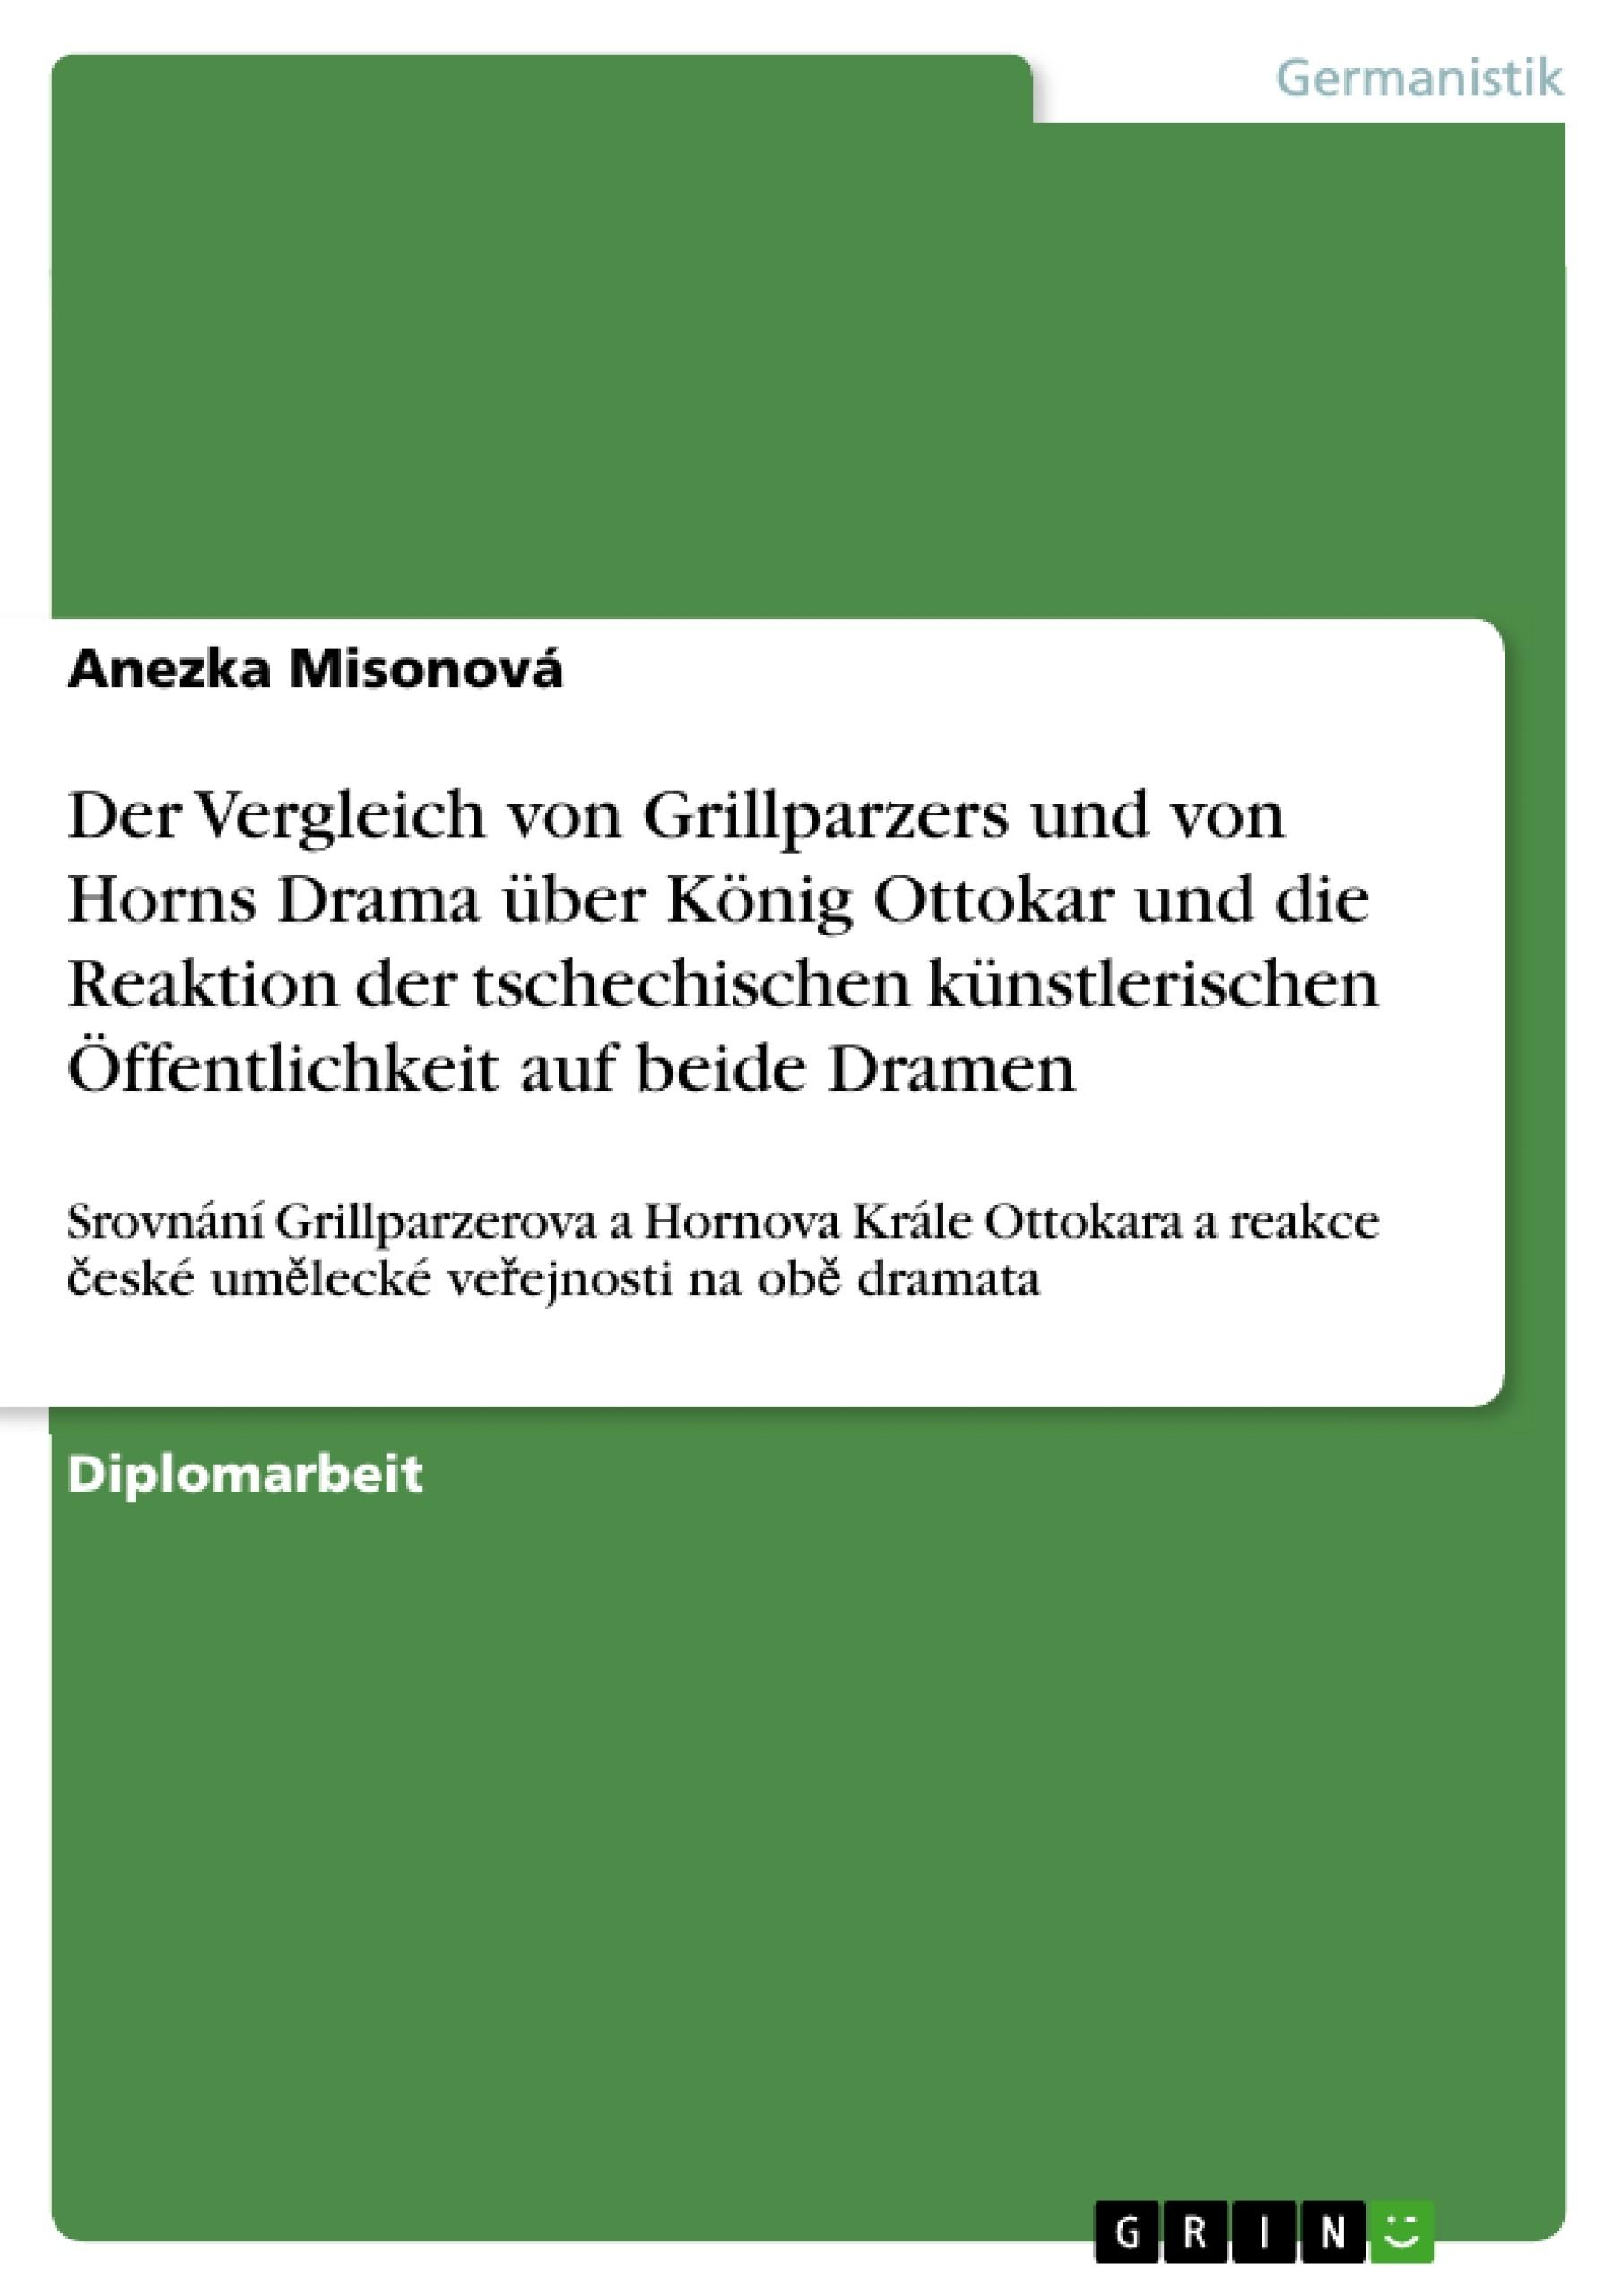 Titel: Der Vergleich von Grillparzers und von Horns Drama über König Ottokar und die Reaktion der tschechischen künstlerischen Öffentlichkeit auf beide Dramen